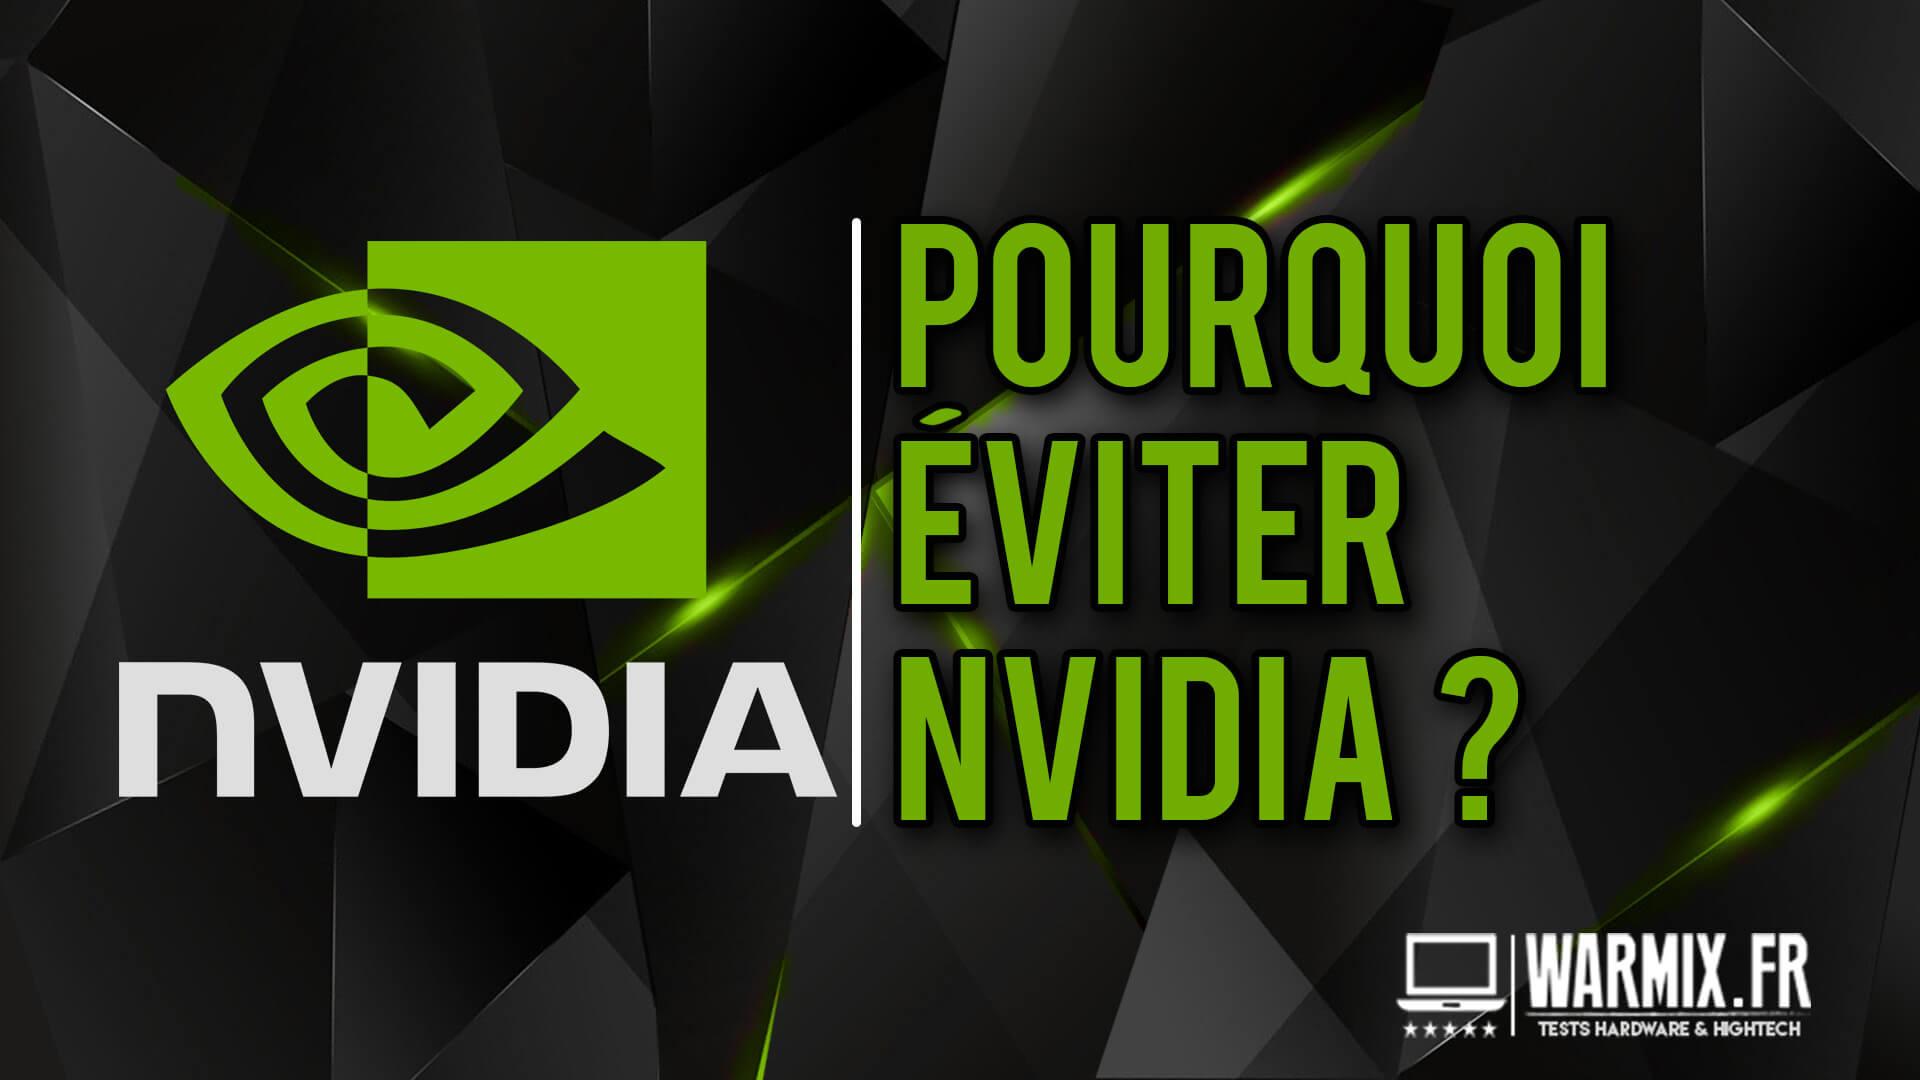 Pourquoi doit-on éviter les cartes graphiques Nvidia ? – Les points négatifs